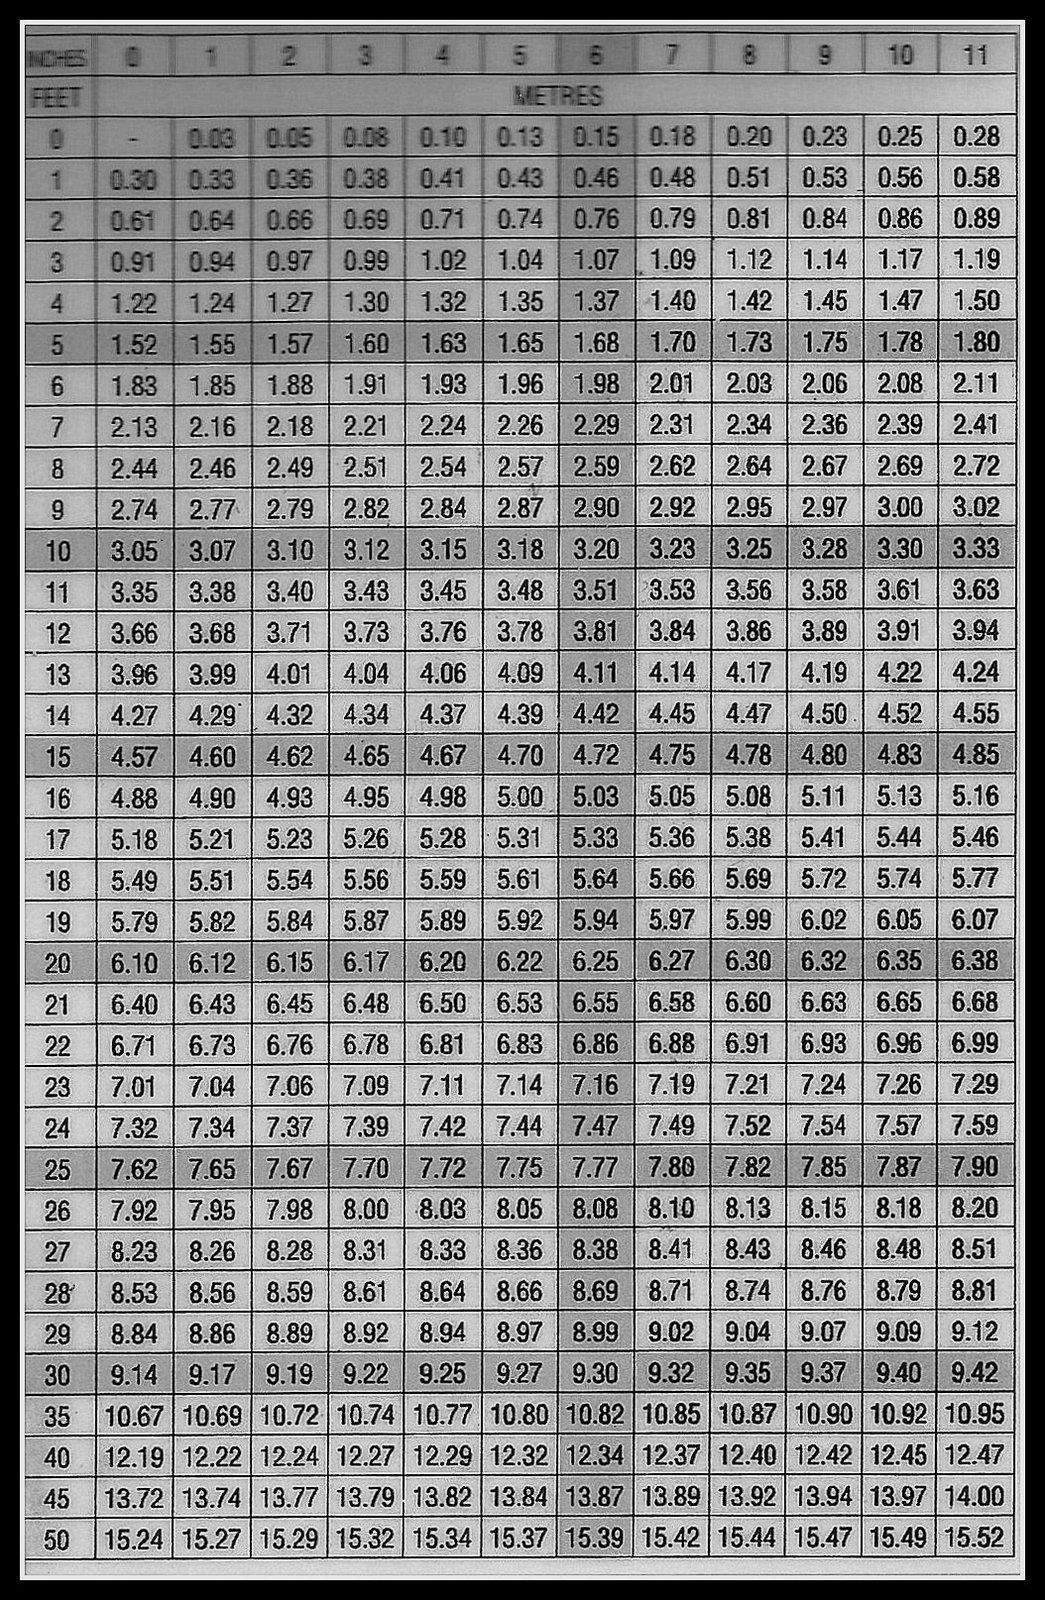 100 30 Meters To Feet 100 Feet In Meter 100 800